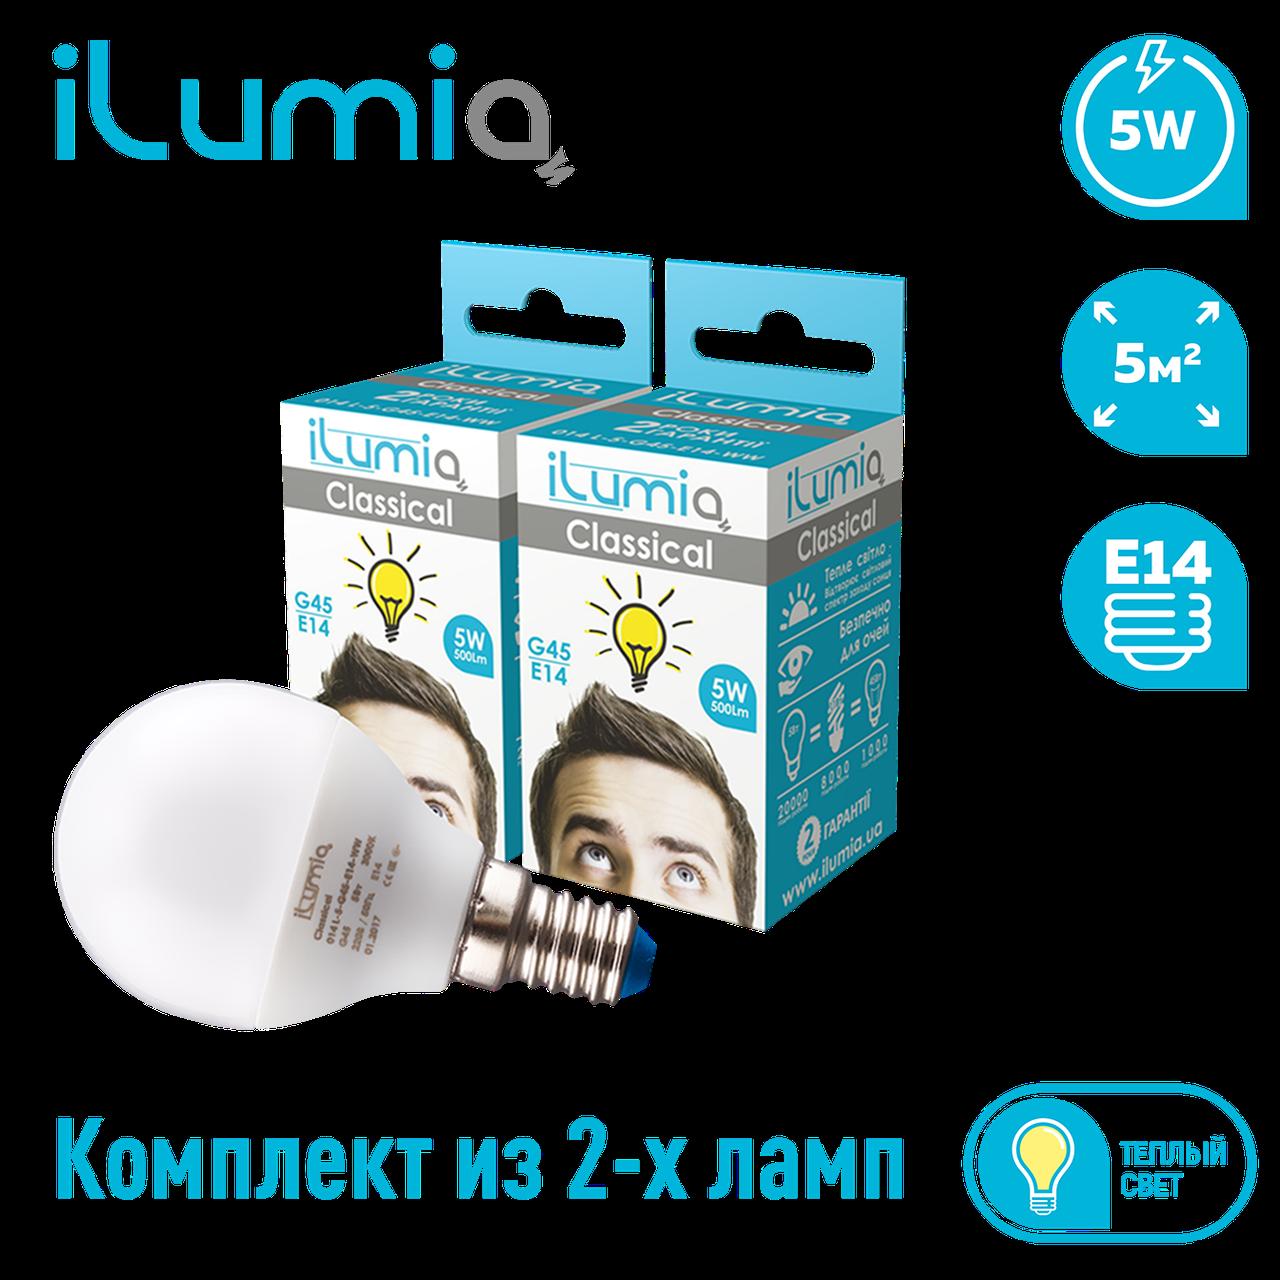 Набор LED ламп Ilumia 2шт 5W Е14 G45 теплый 500Lm (014)